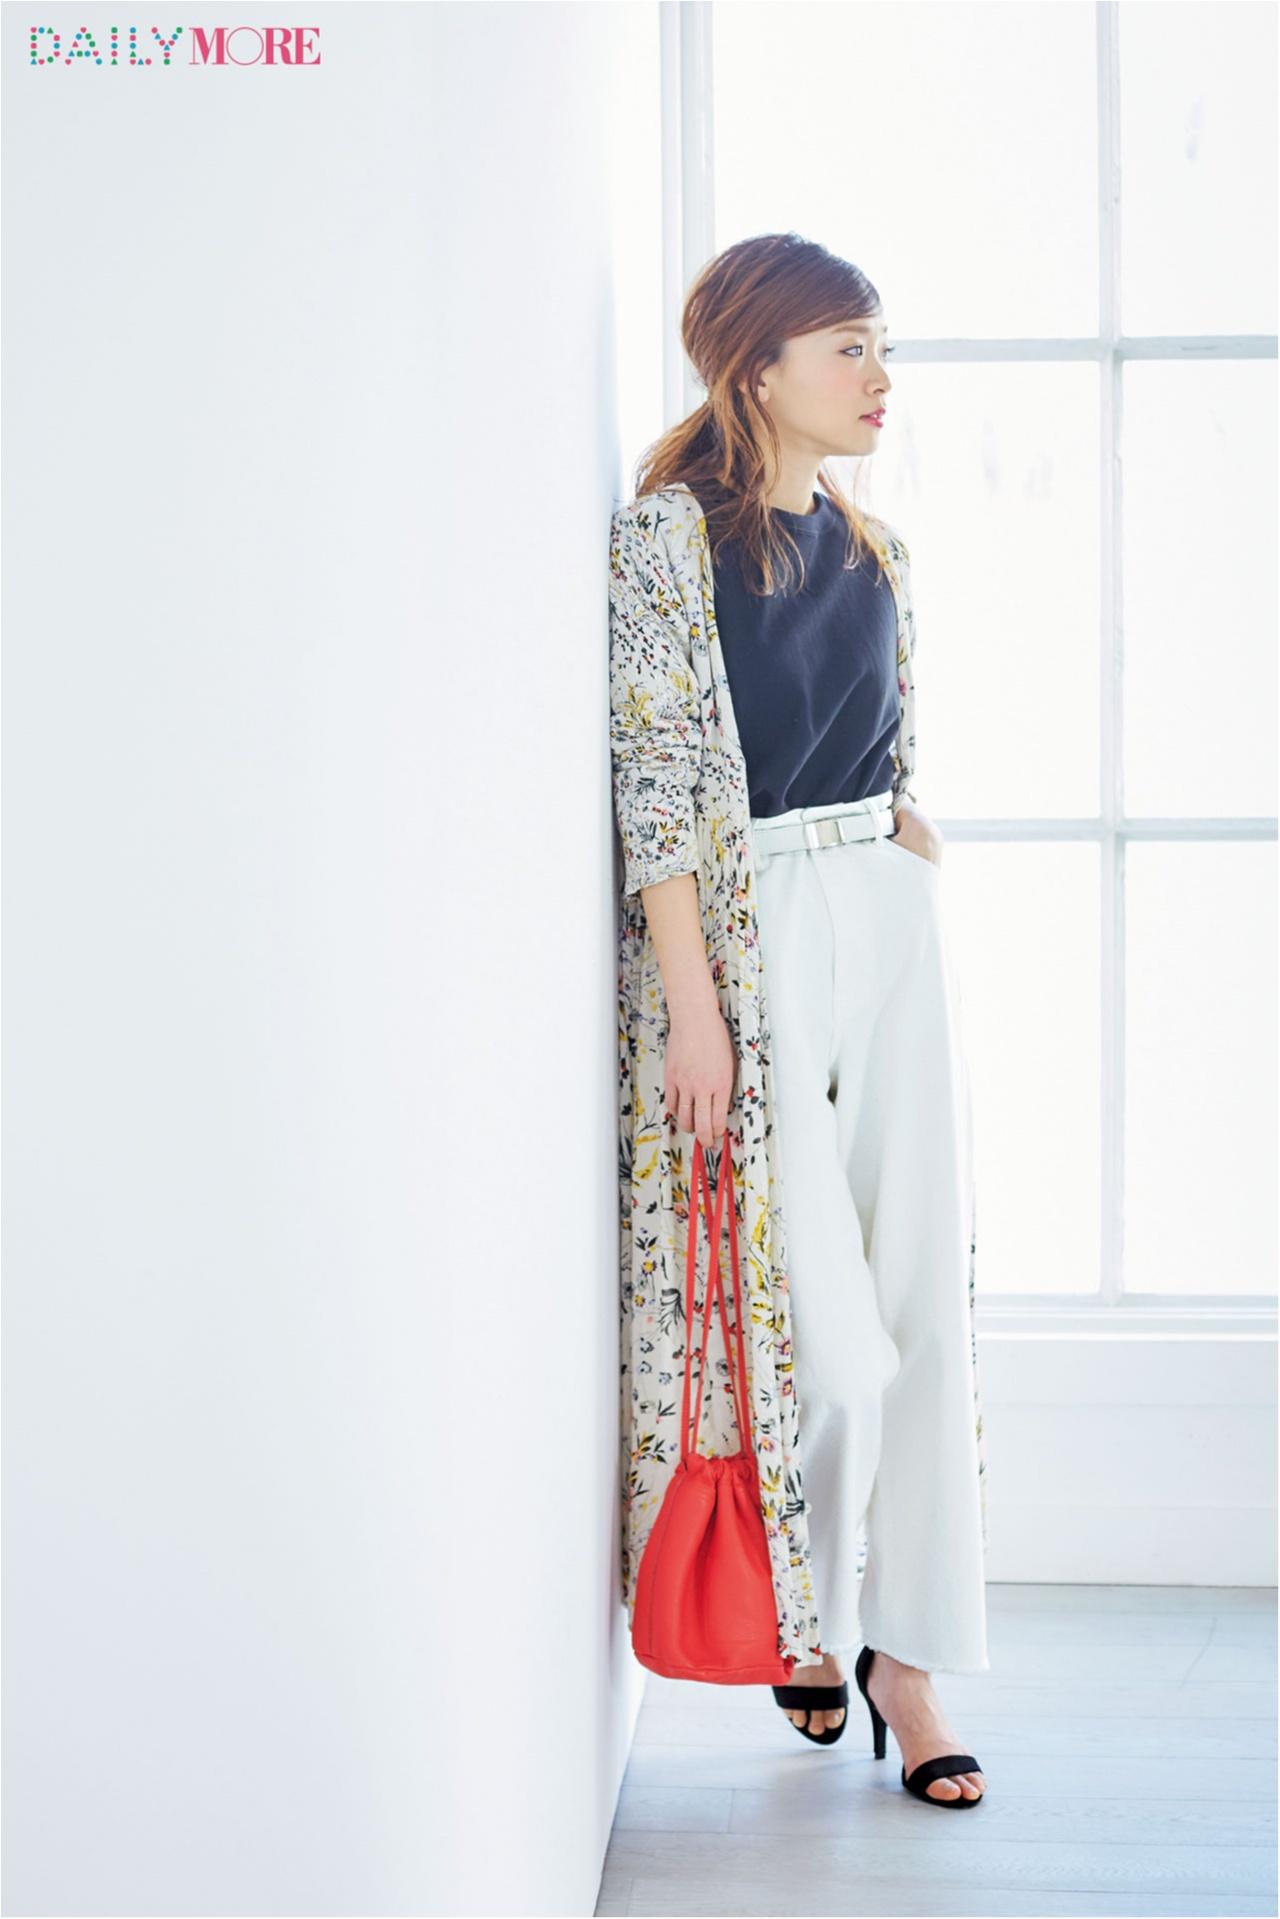 ファッションディレクター/スタイリスト野尻美穂さんが発表。今したいコーデに必要な旬ベルト3選!_2